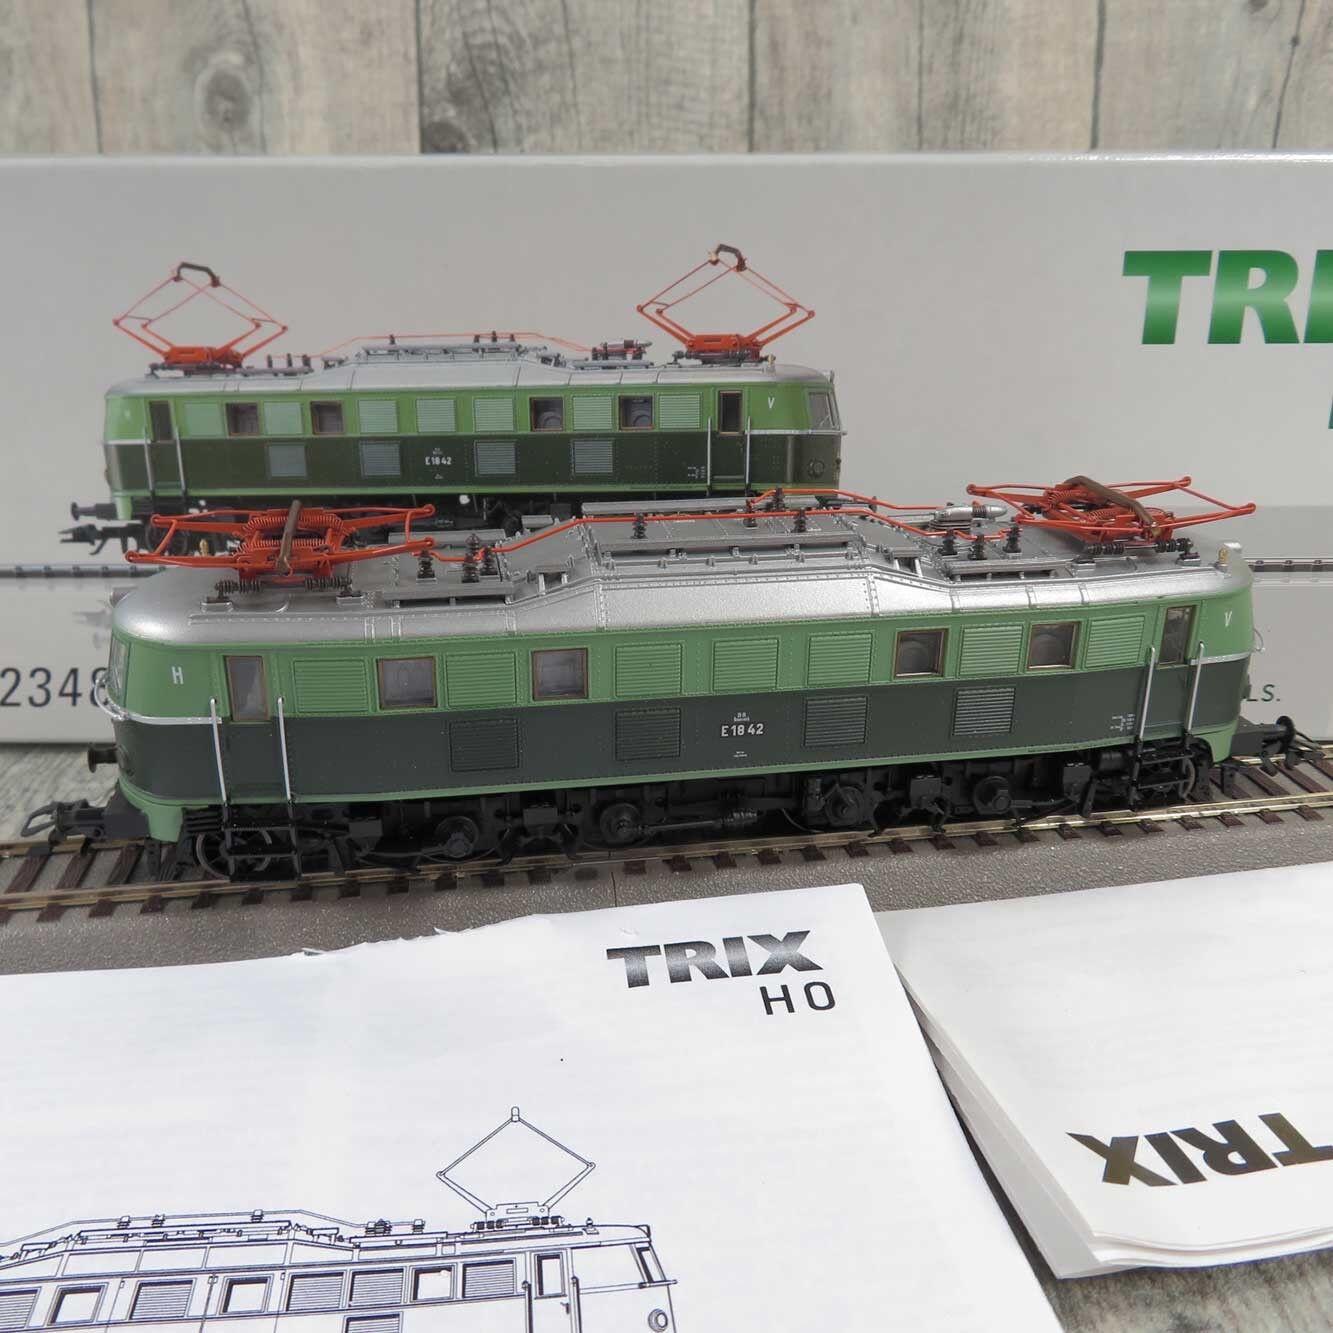 TRIX 22348 - HO - ÖBB - Elektrolokomotive E1842 mit DSS - OVP - S28008 9